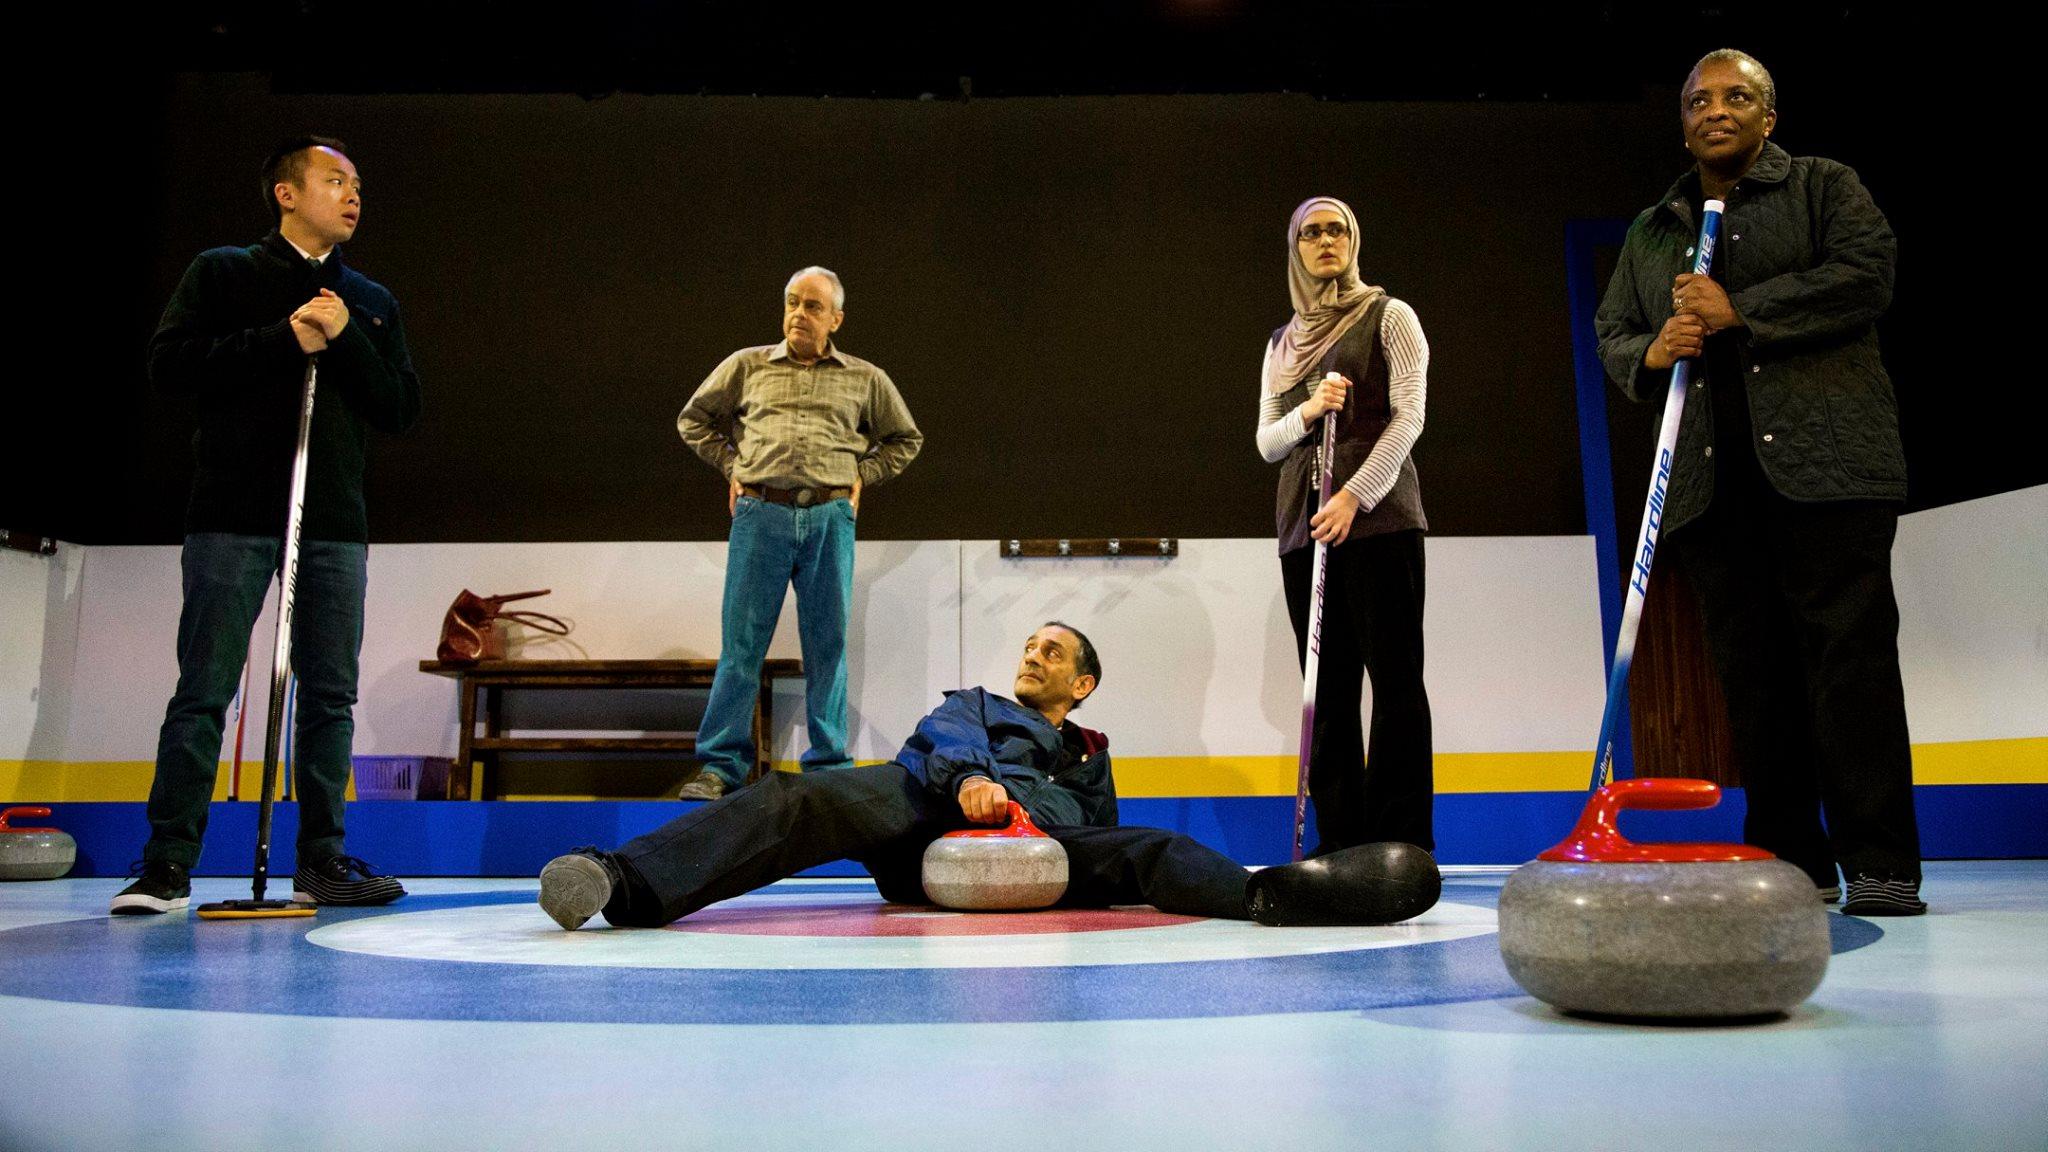 curling 1.jpg